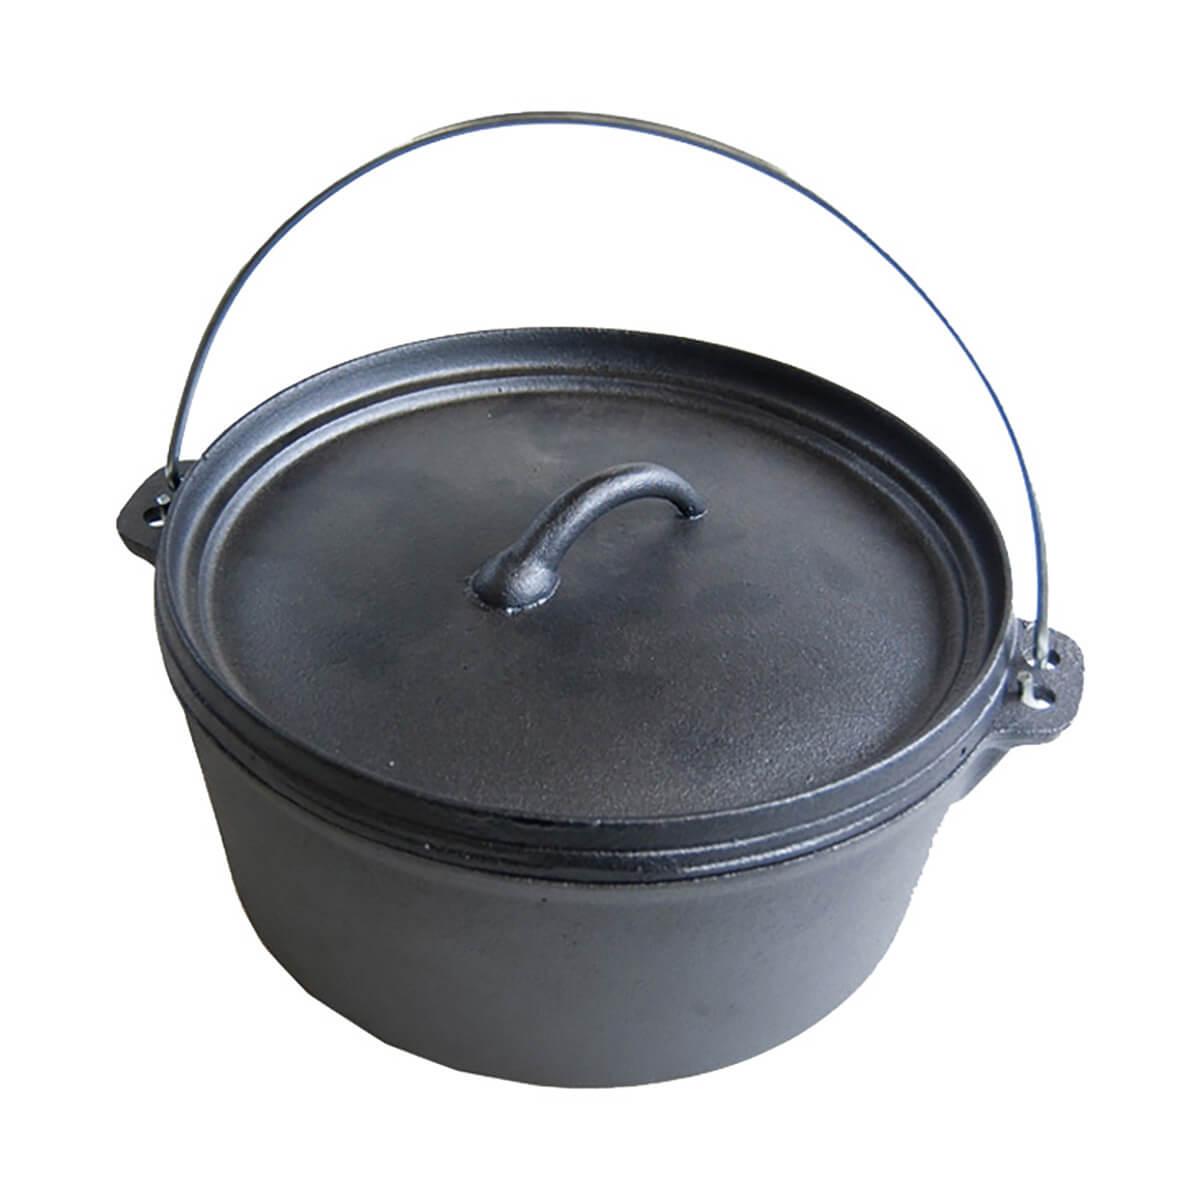 Olympia Cast Iron Dutch Oven - 4.5 qt